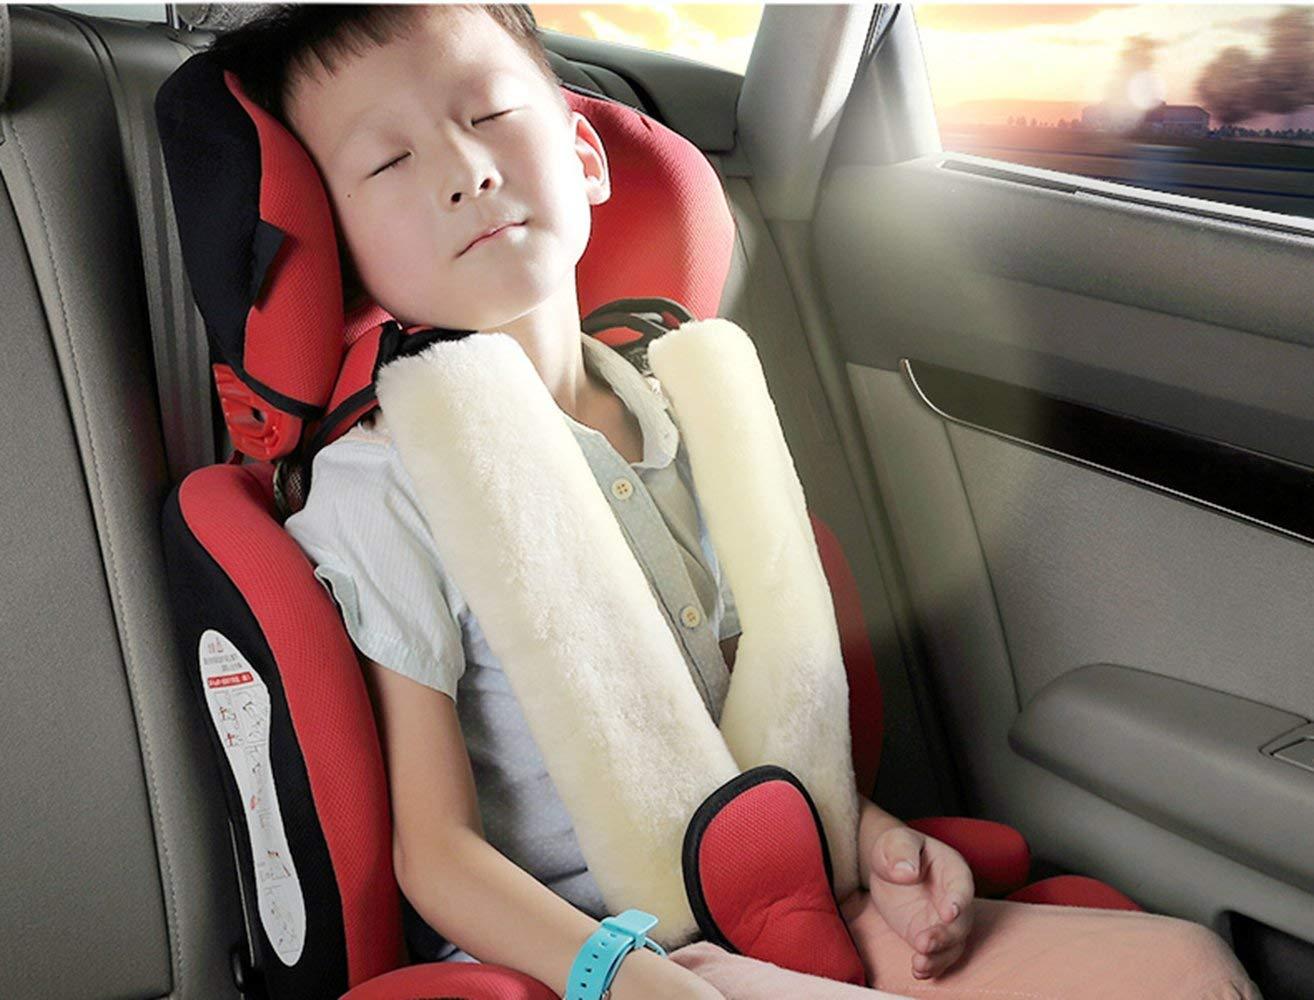 Almohadillas Para Cintur/ón de Seguridad Lana Genuina Australiana de Piel de Oveja Protectores de Coche Hombro Protector Cinturon Seguridad Infantil